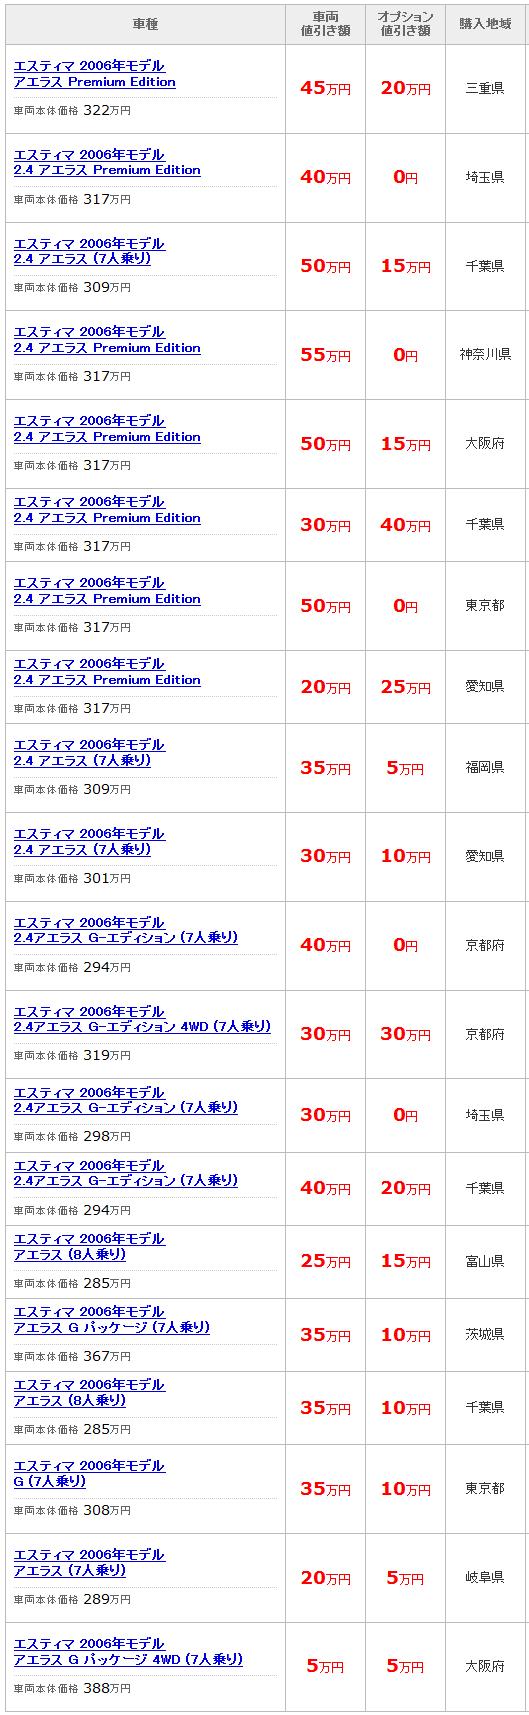 fireshot-screen-capture-014-%e4%be%a1%e6%a0%bc_com-%e3%83%88%e3%83%a8%e3%82%bf-%e3%82%a8%e3%82%b9%e3%83%86%e3%82%a3%e3%83%9e%e3%81%ae%e5%80%a4%e5%bc%95%e3%81%8d%e6%83%85%e5%a0%b1-kakaku_com_k